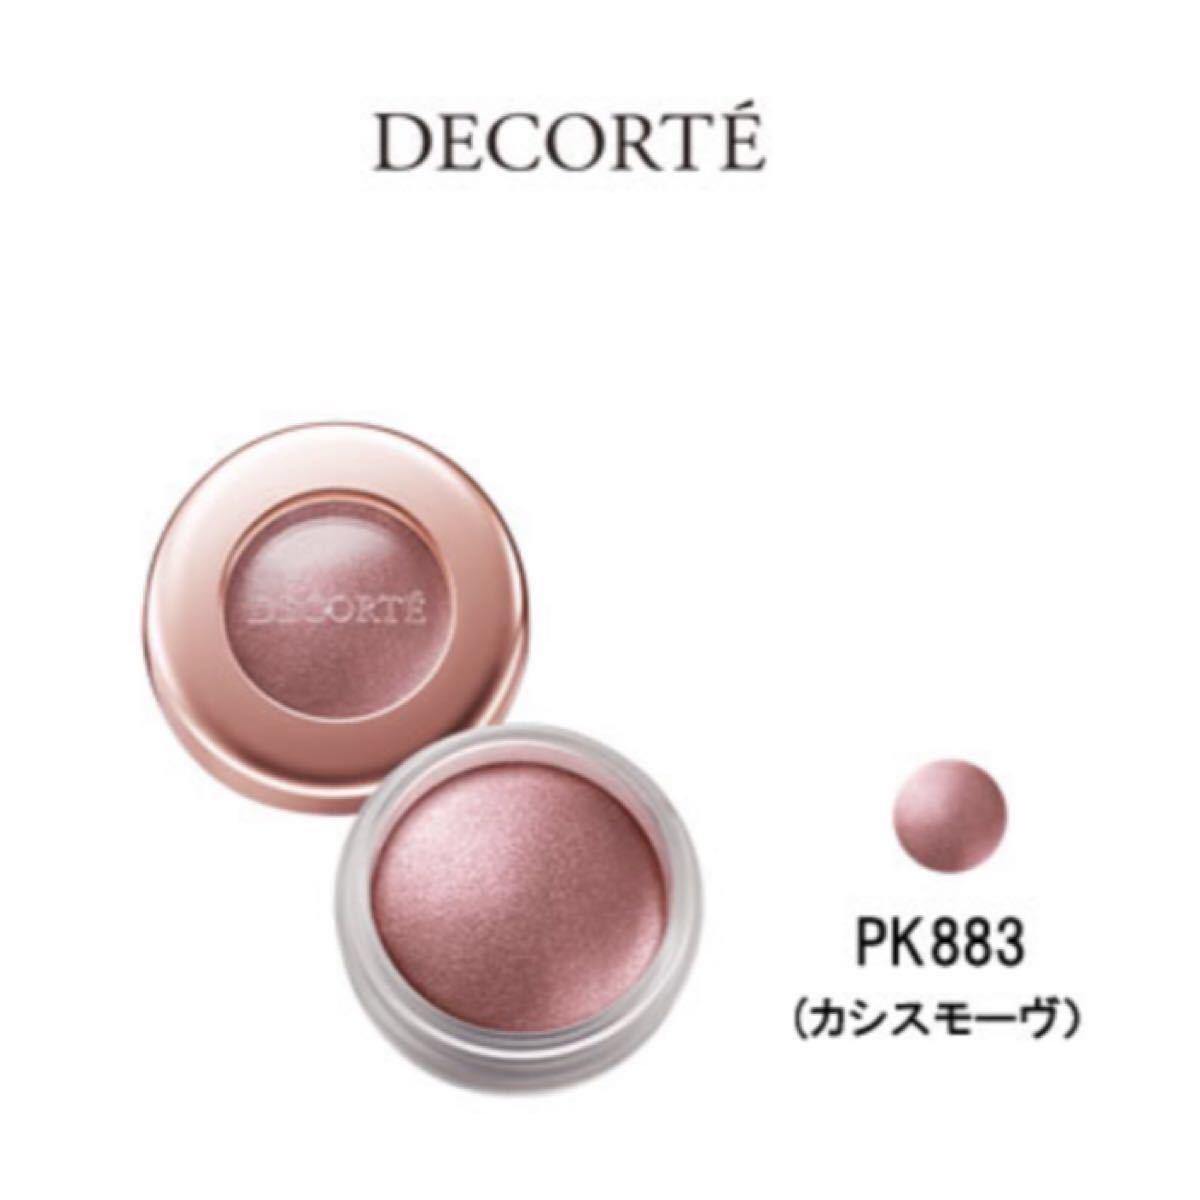 美品 DECORTE   コスメデコルテ アイグロウ  ジェム PK883